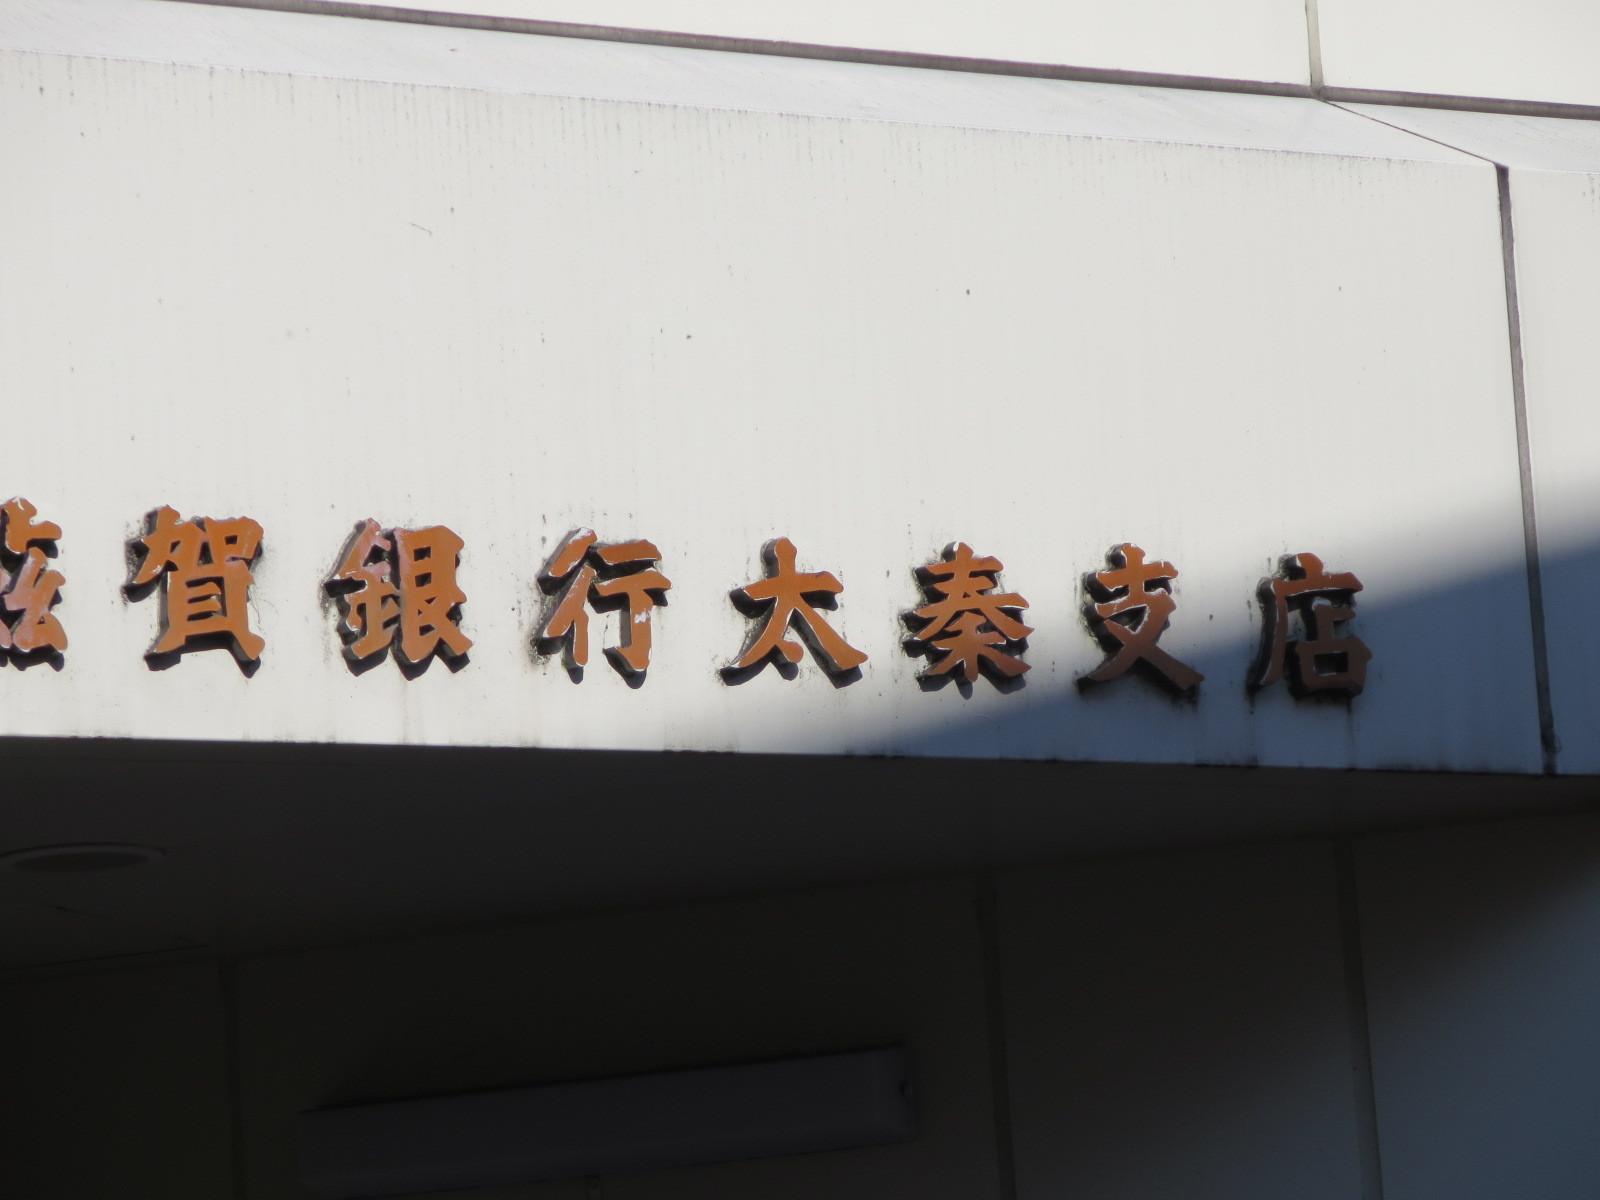 「京都難読地名!」と言いたいがそれほどでもなく、みんな知ってるような気もしないでもない辻_c0001670_14370232.jpg